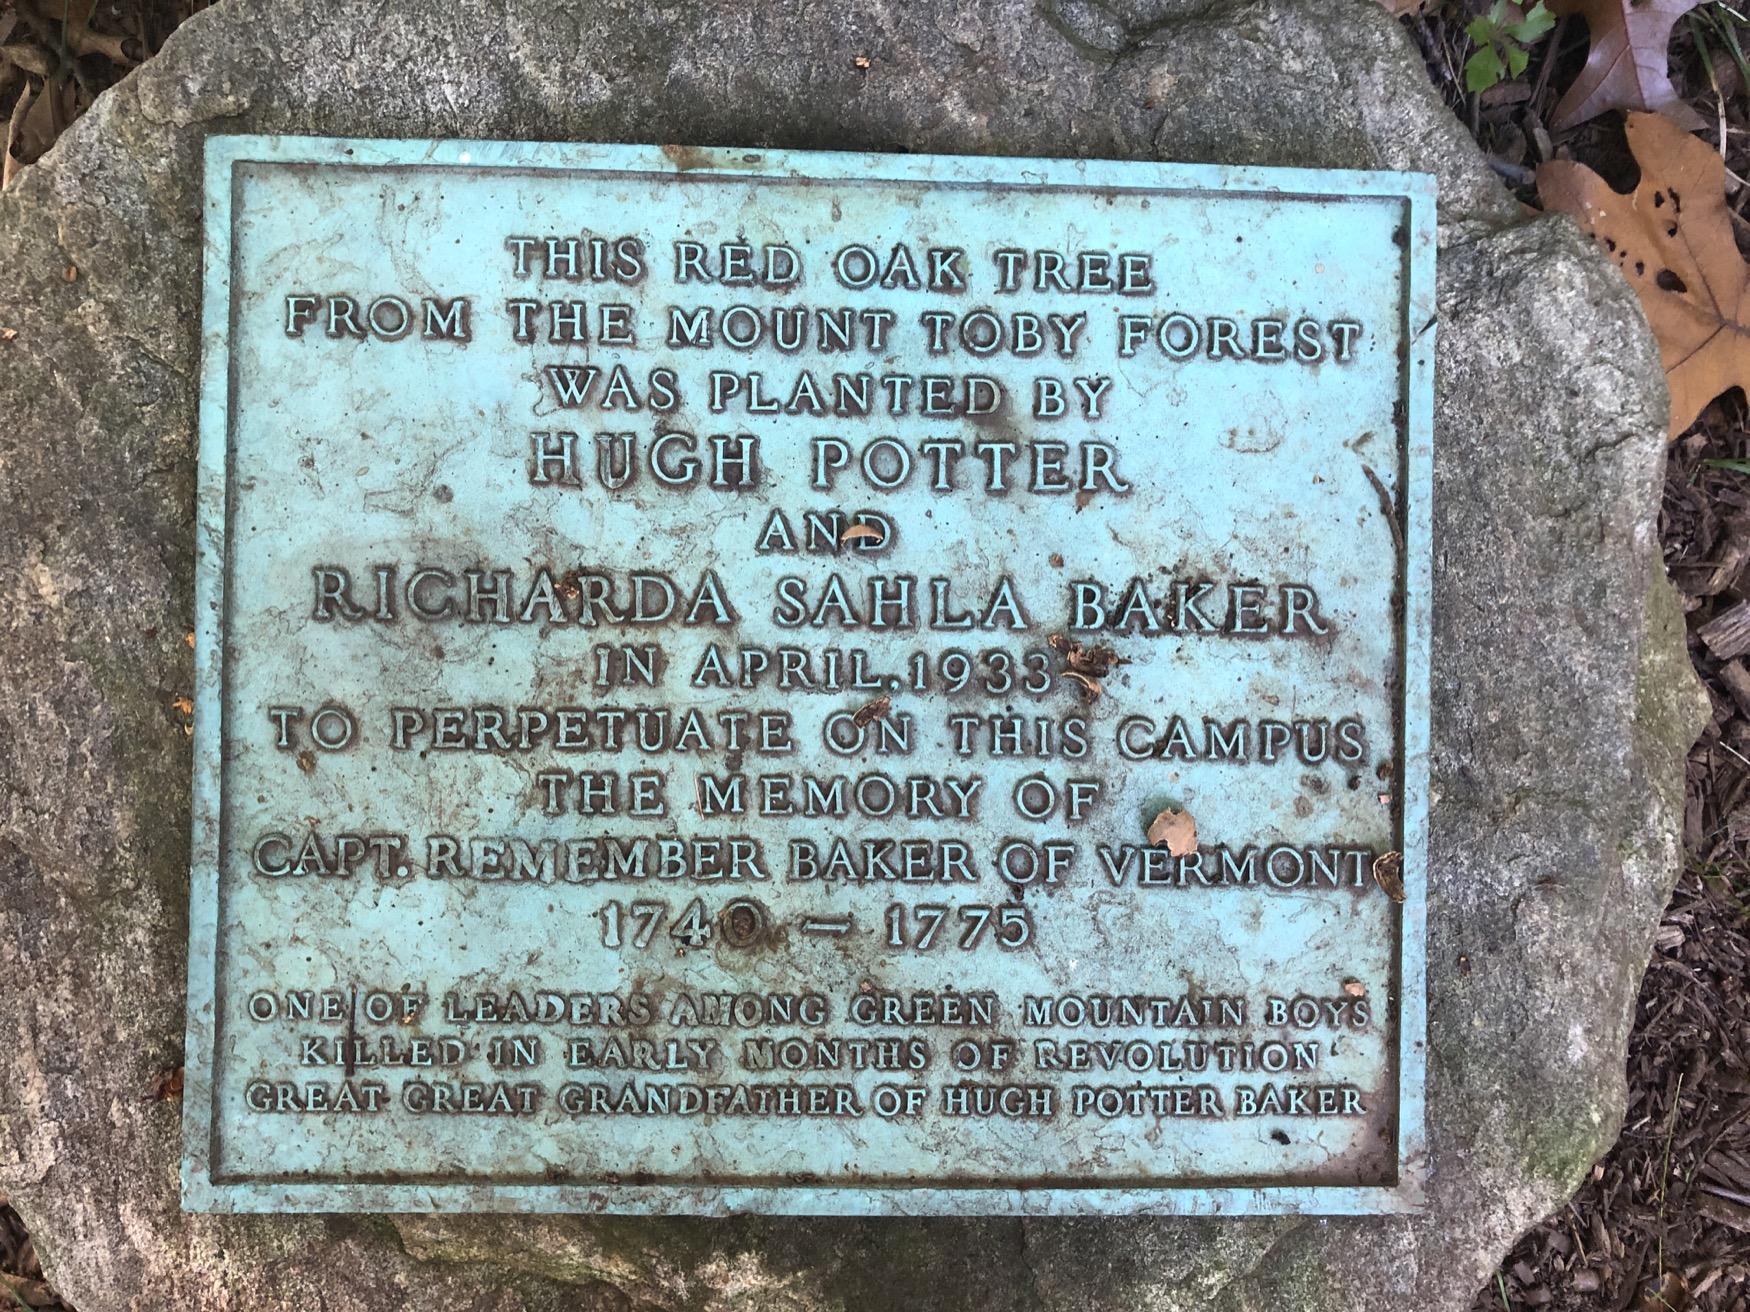 Captain Remember Baker Black Oak